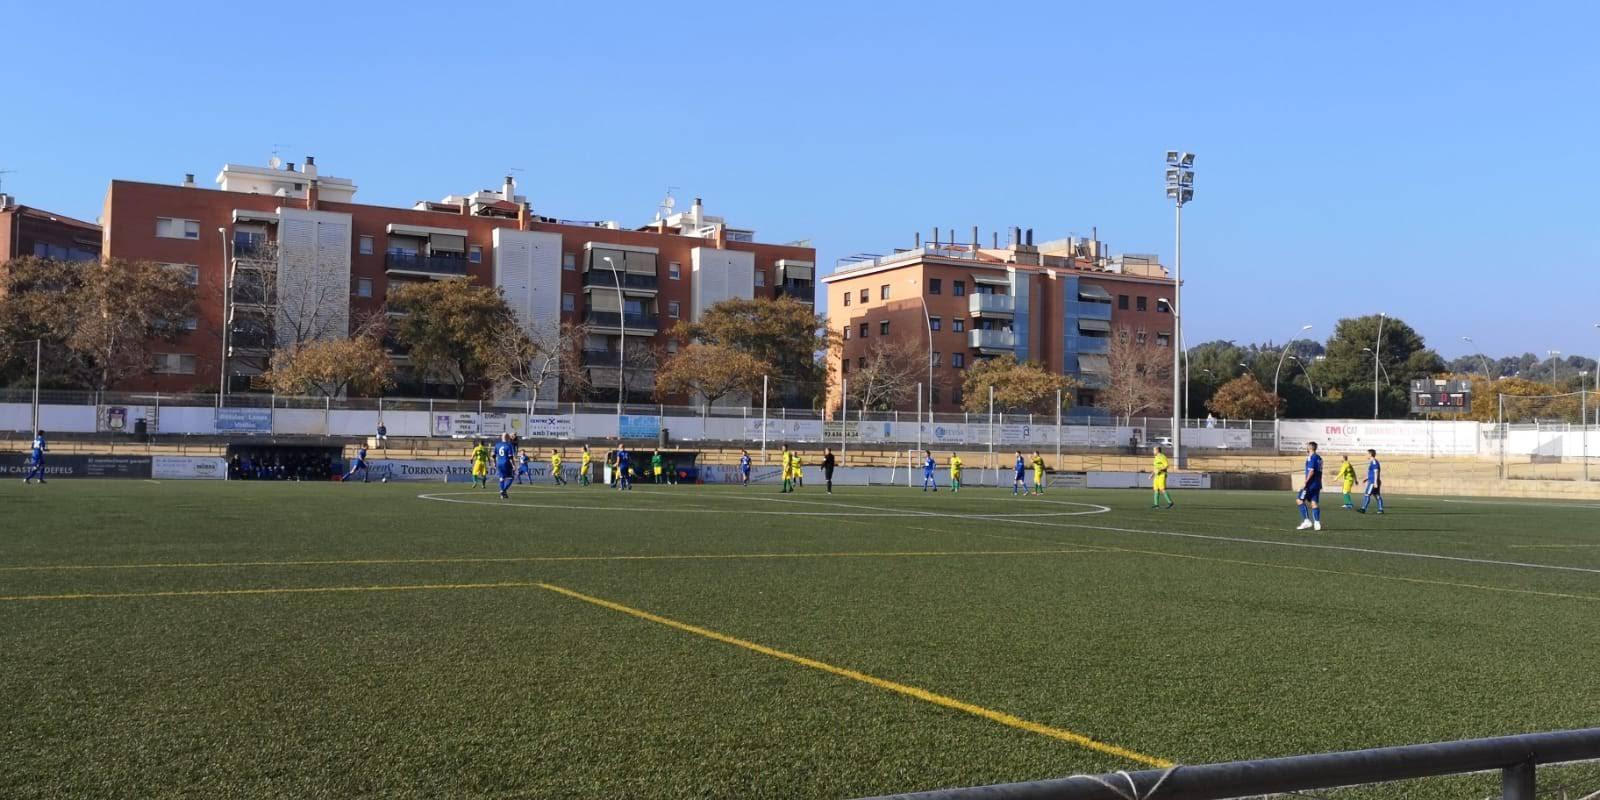 Atlétic Castelldefels, 0 - San Pancracio, 4